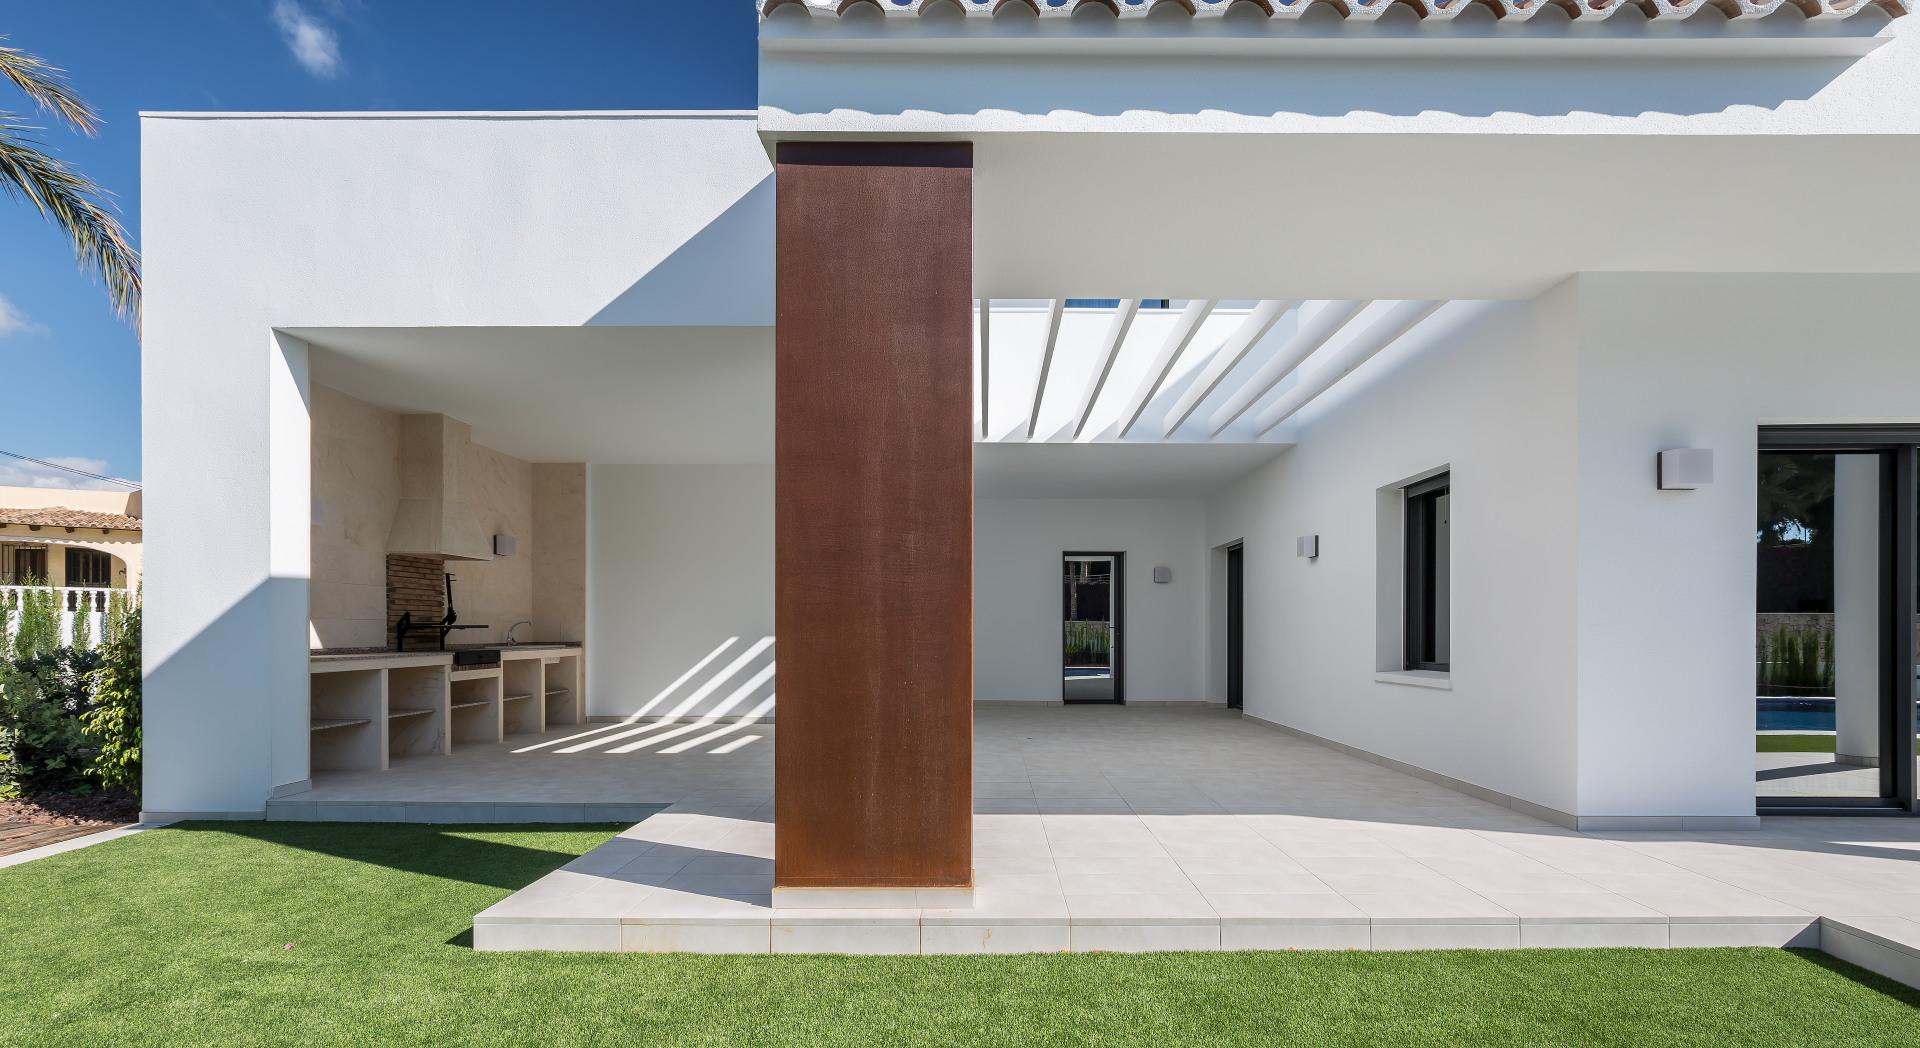 fotografia-arquitectura-interiorismo-valencia-alicante-moraira-german-cabo-laura-yerpes (3)